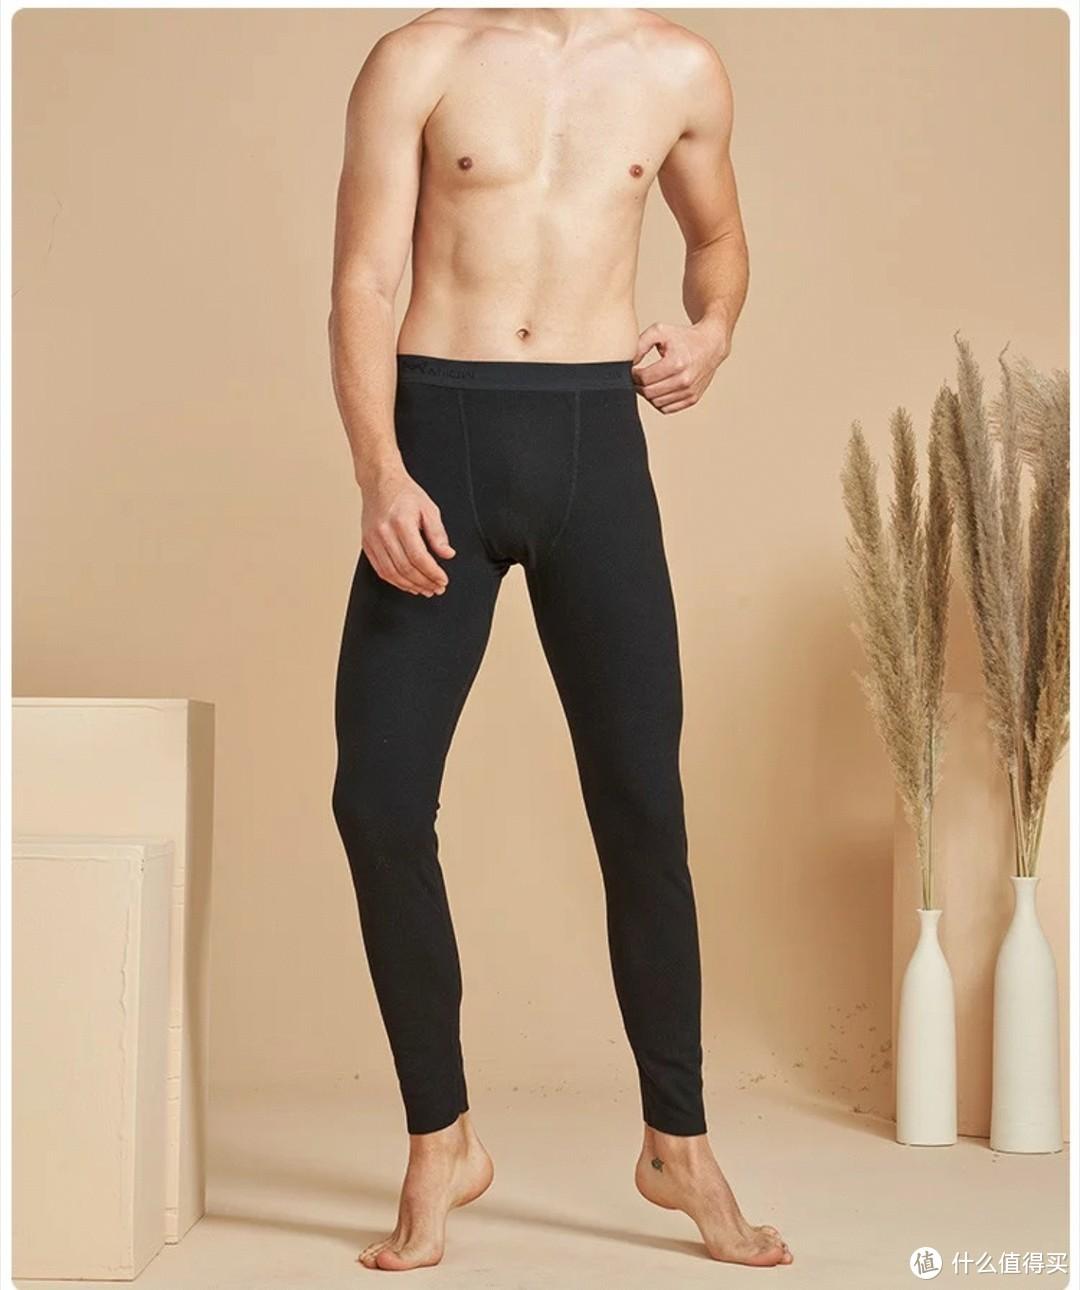 秋天里的第一条秋裤,就选它们,价格不到百元,保暖性杠杠的!